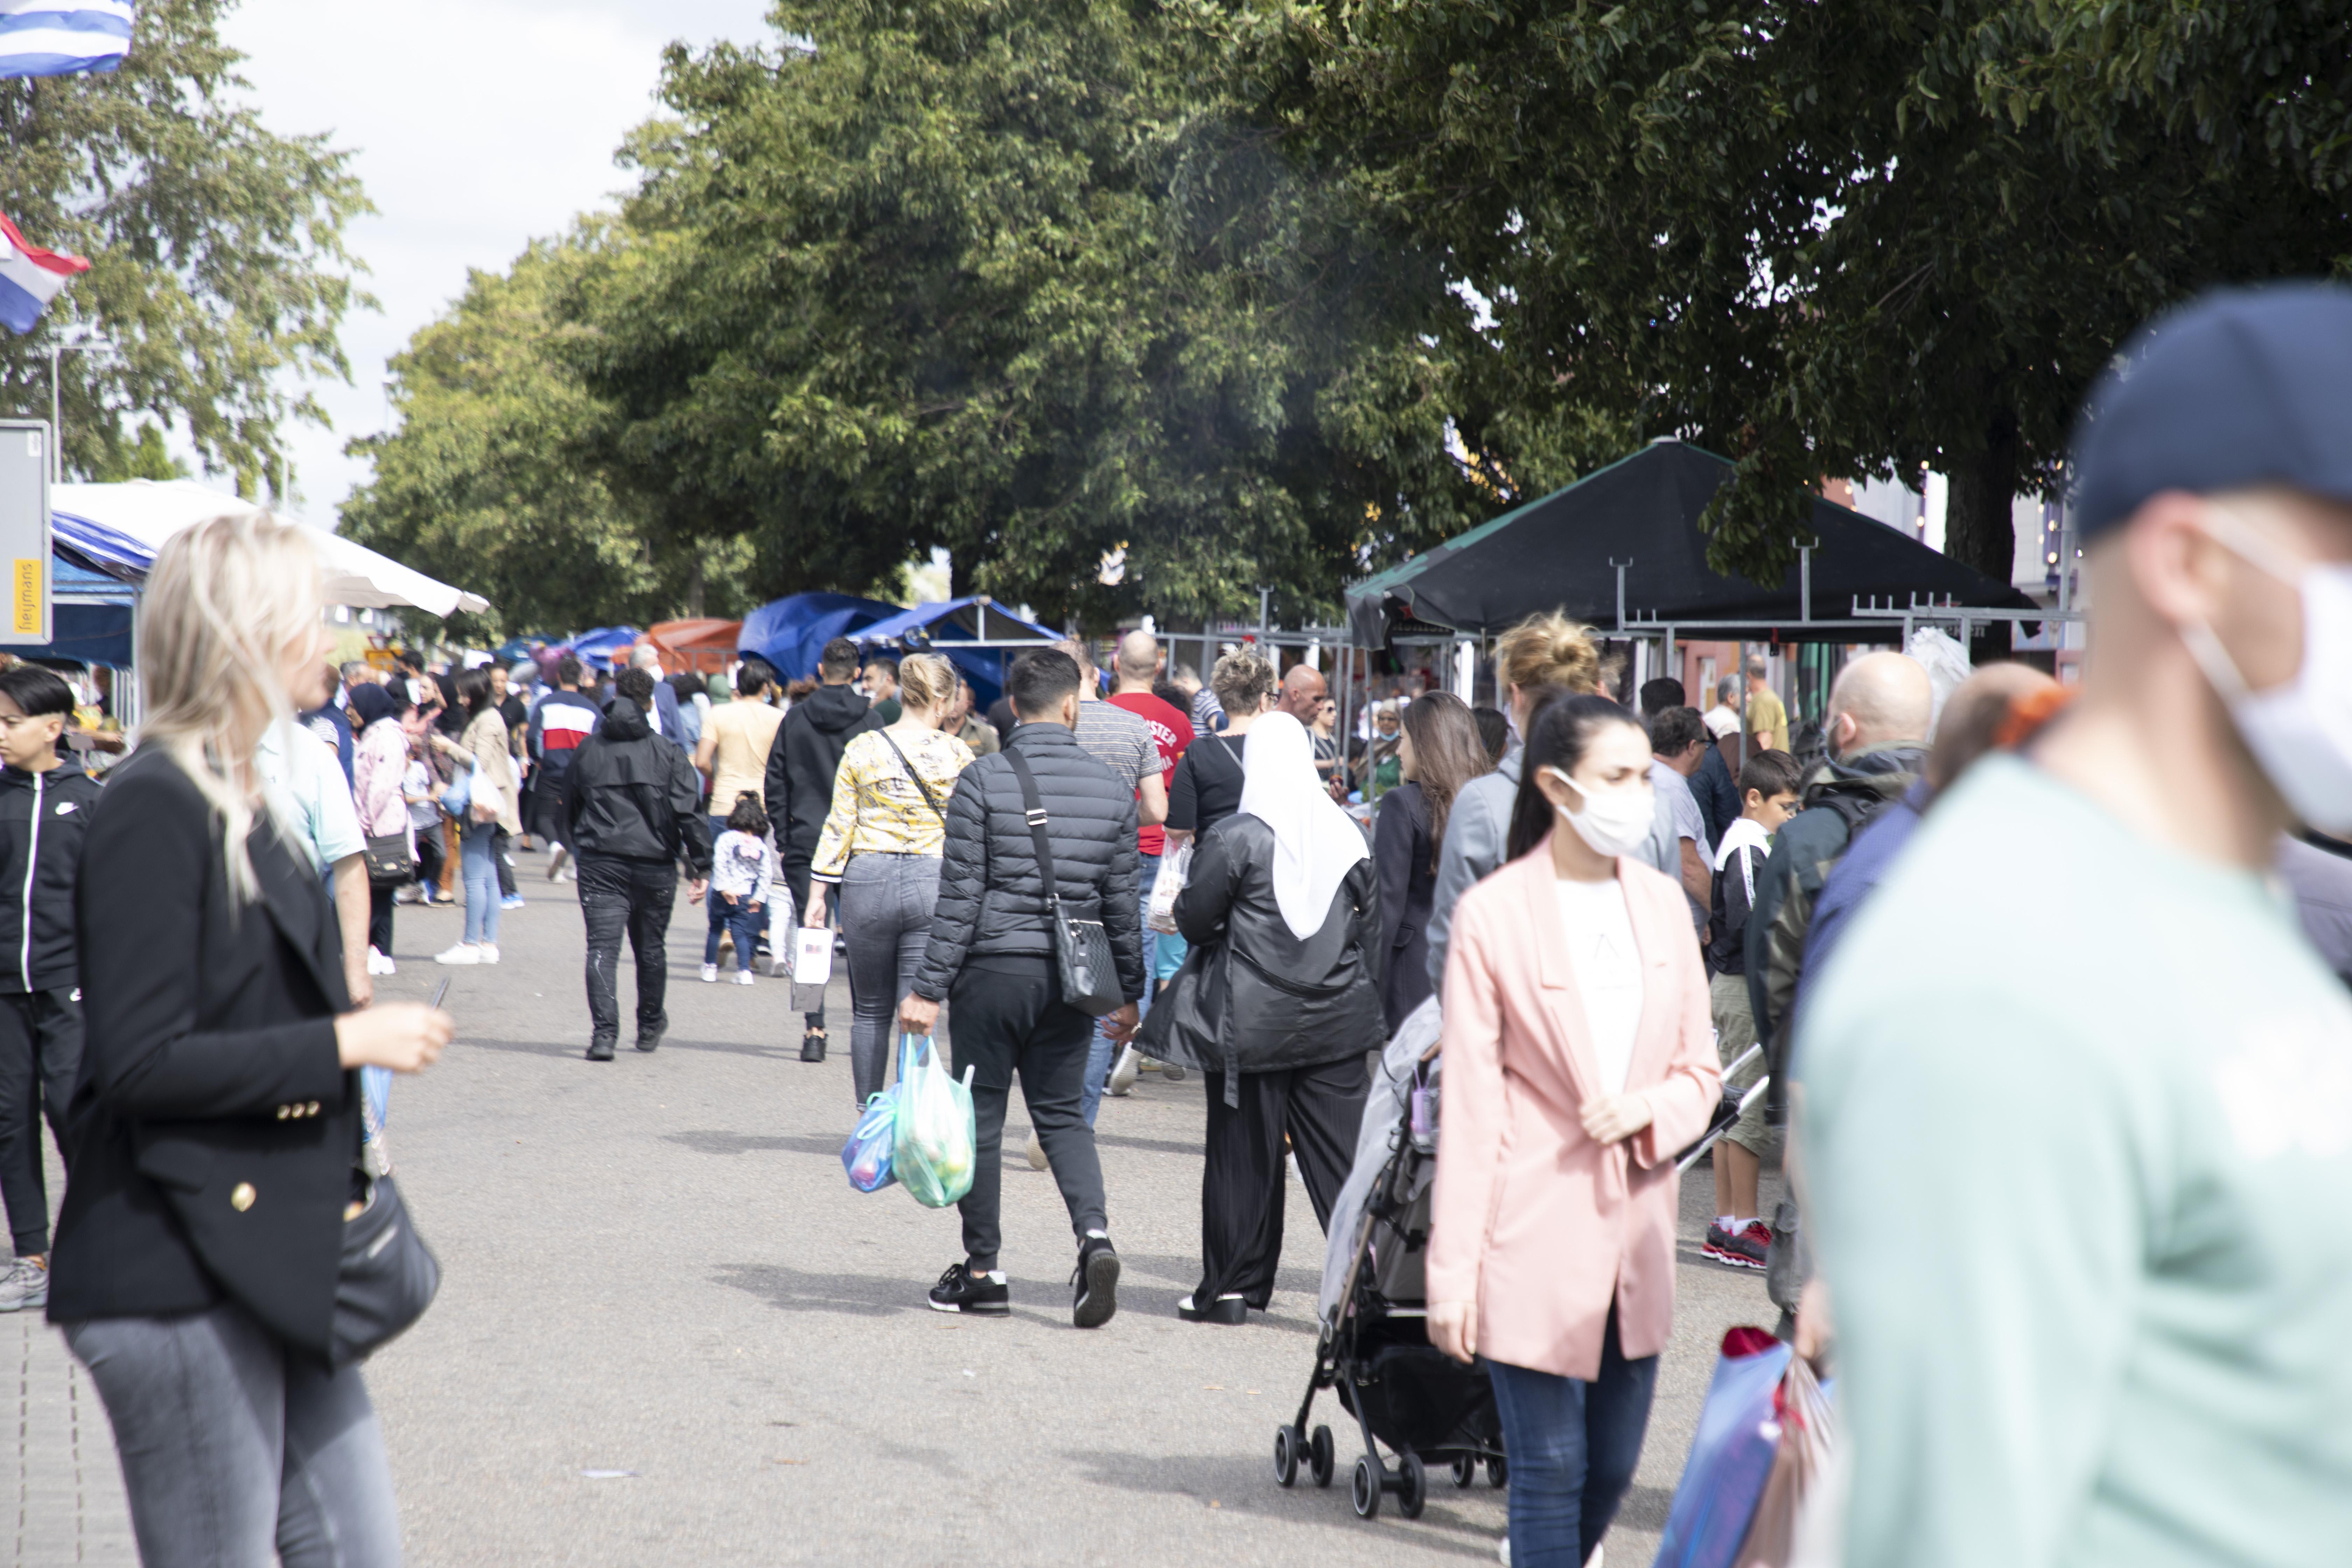 Goed dat versmarkt op Bazaar dicht is - Stelling van de week